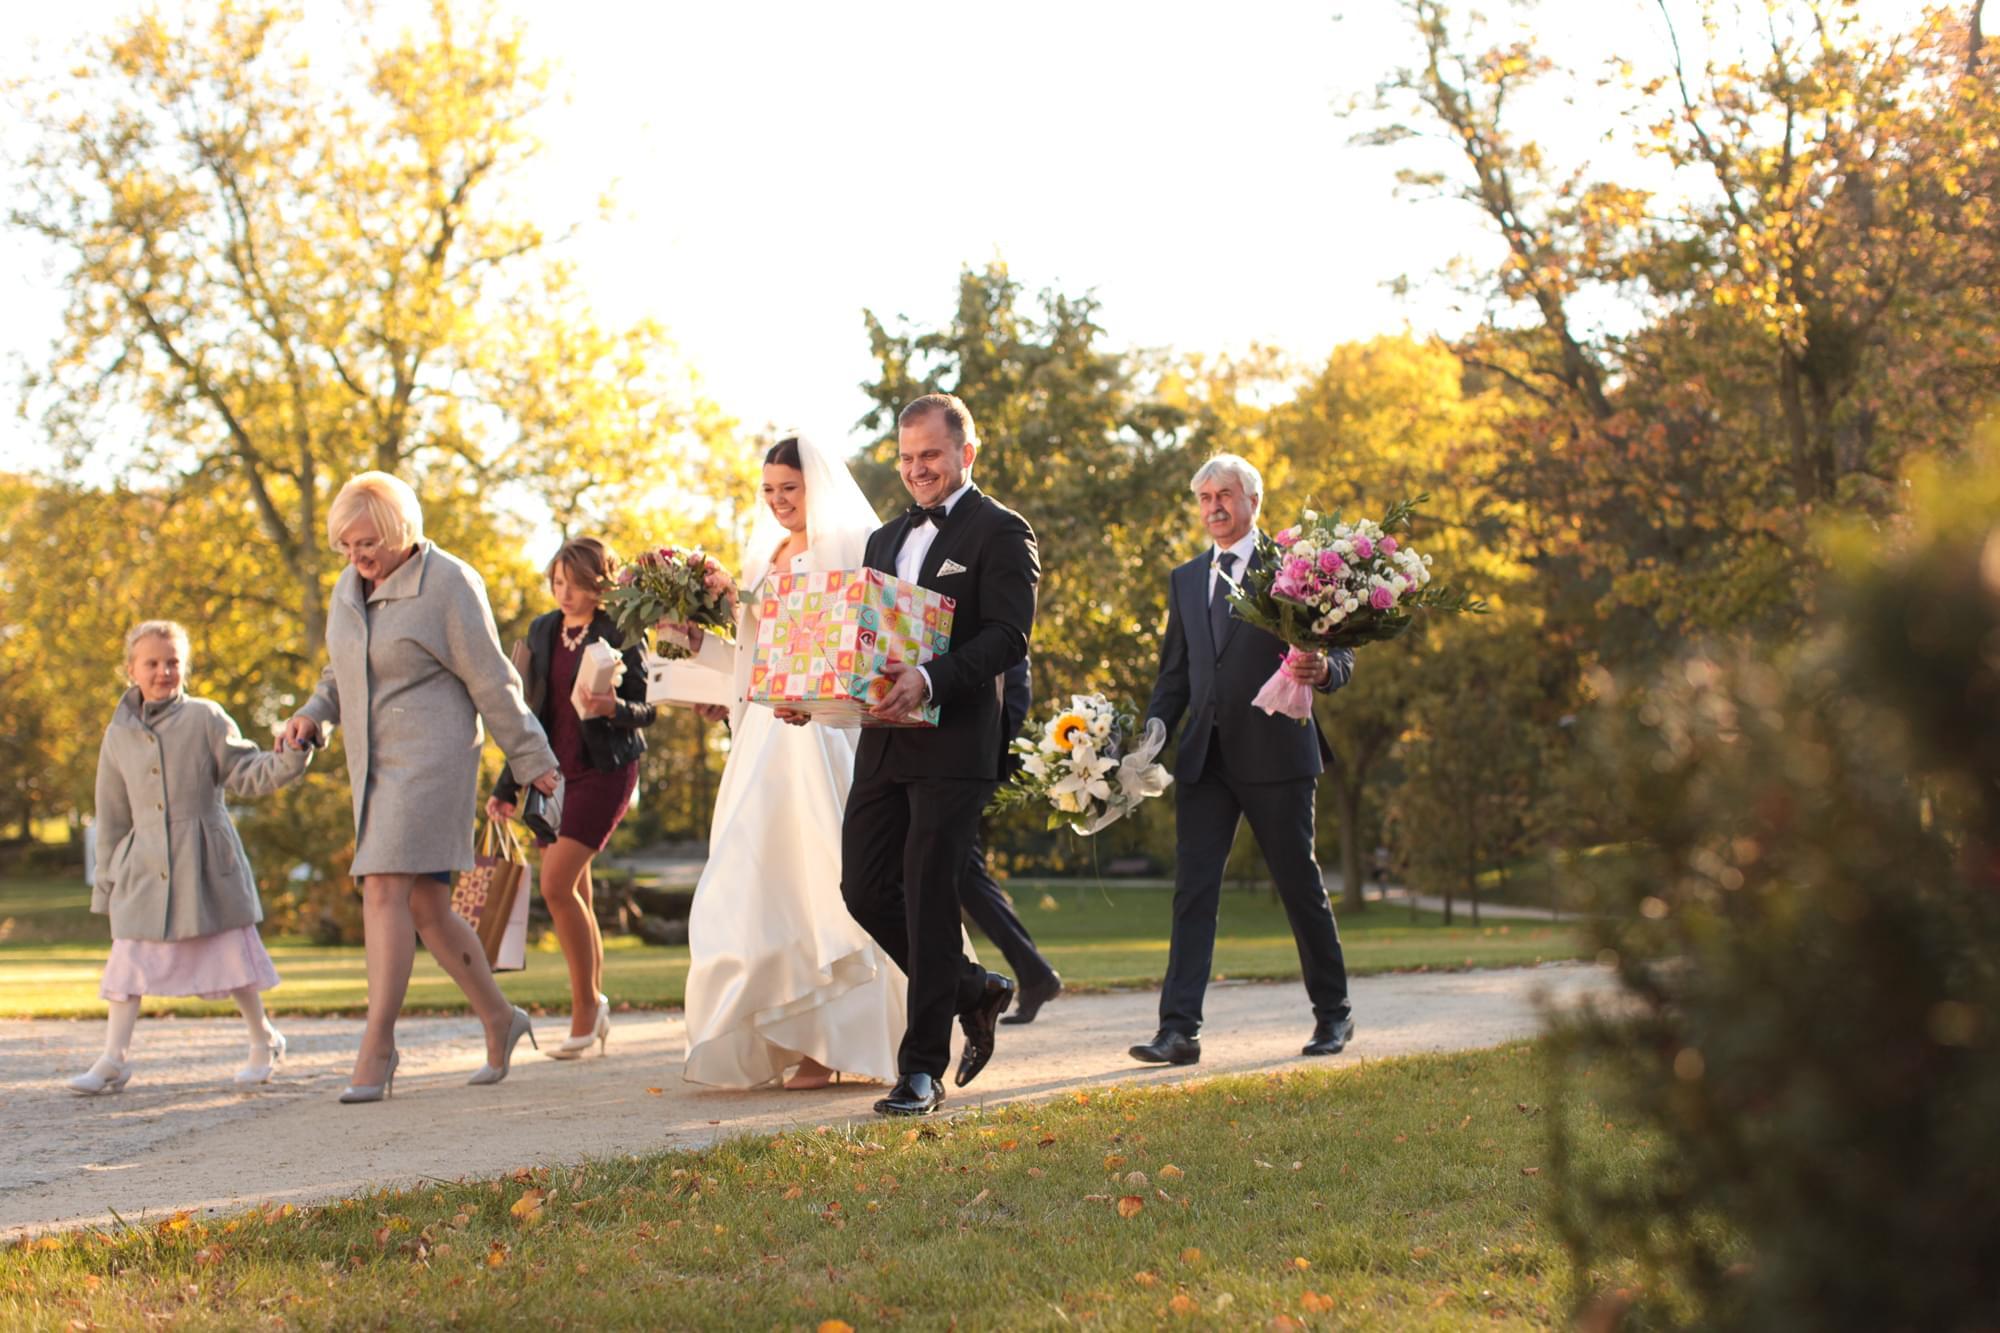 orszak gości weselnych